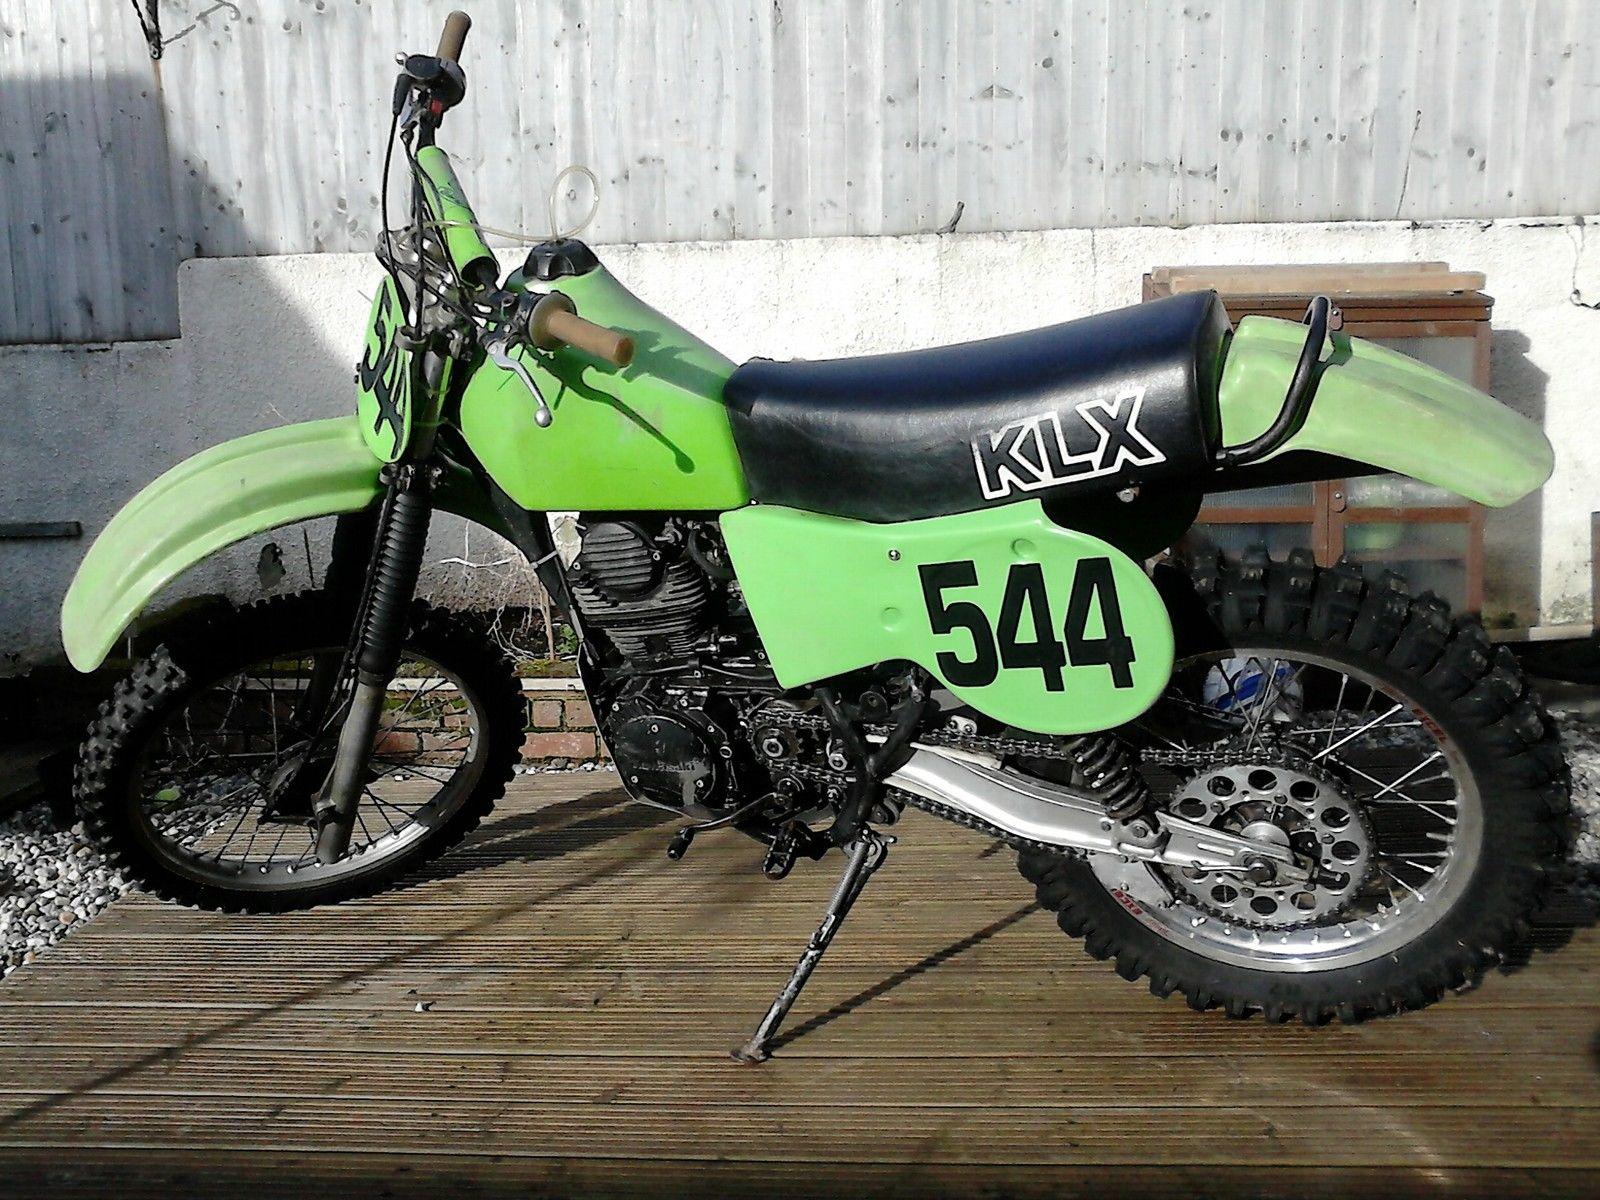 KLX250 1980 Twinshock